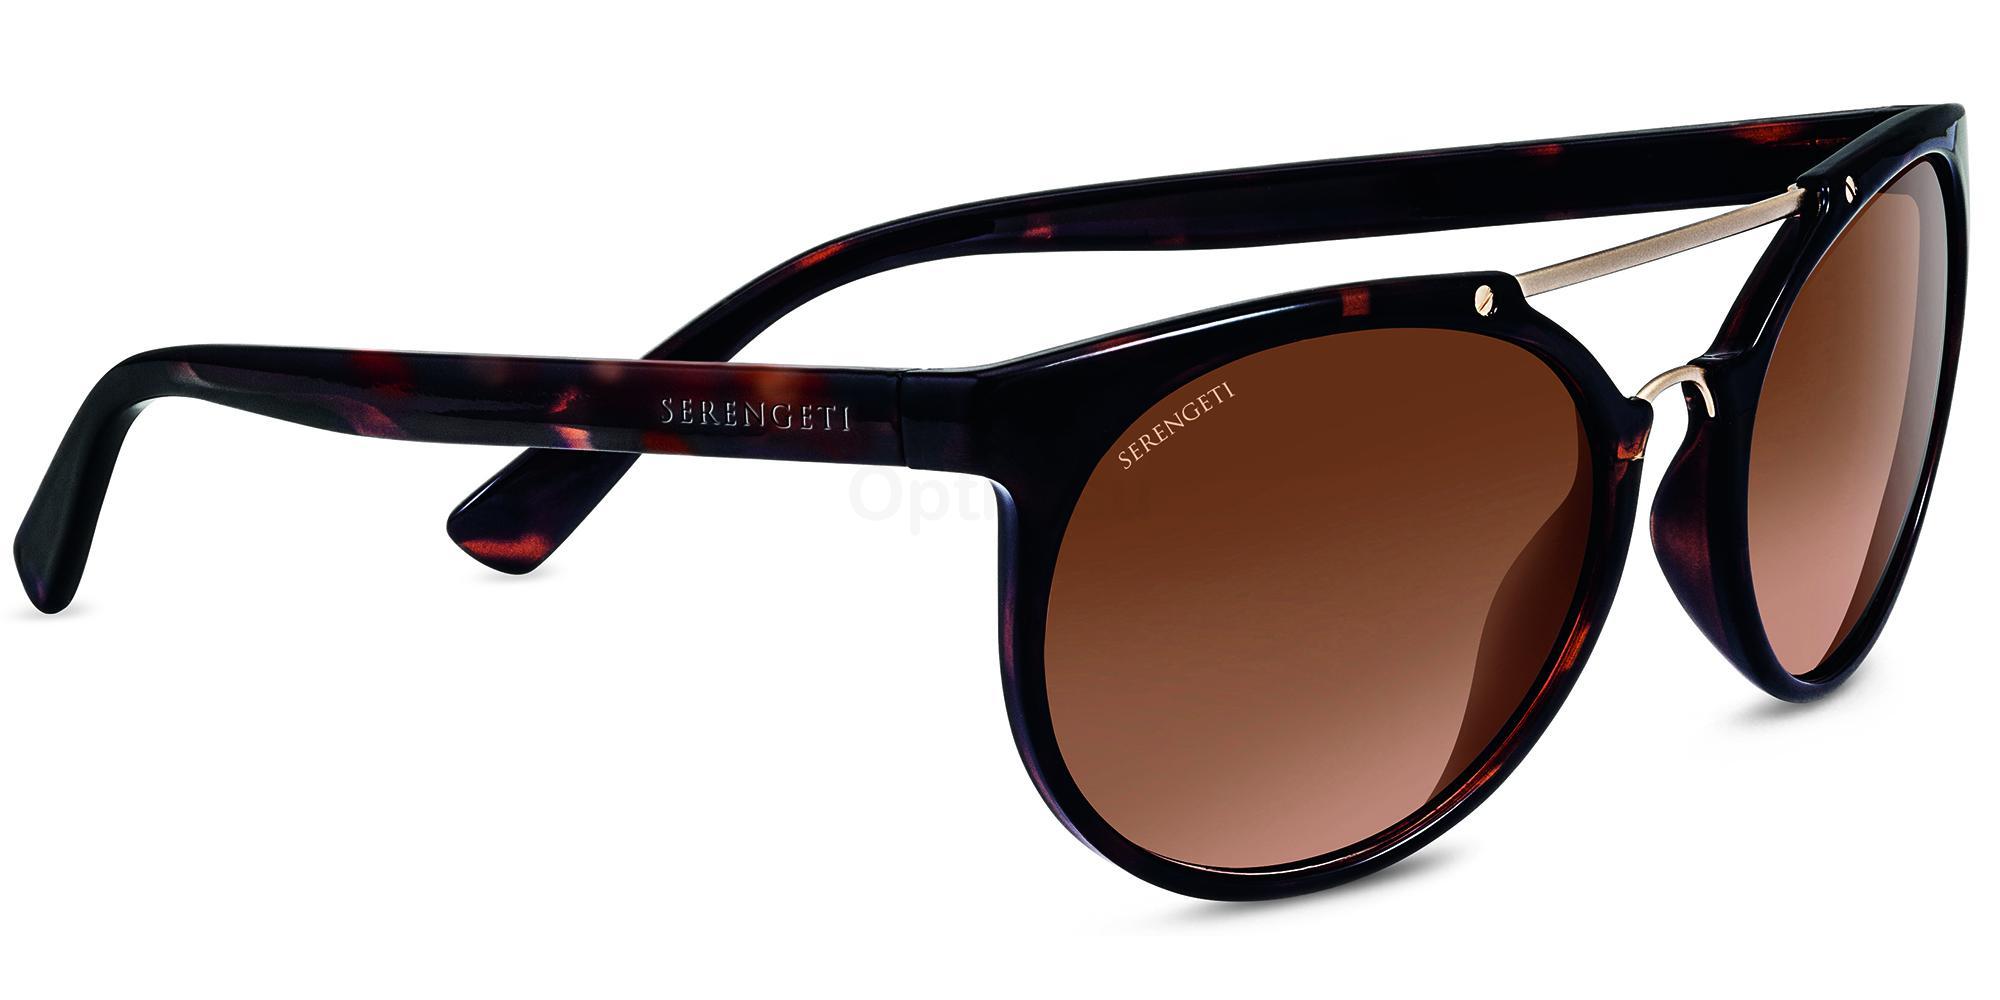 8352 Premium Nylon LERICI Sunglasses, Serengeti